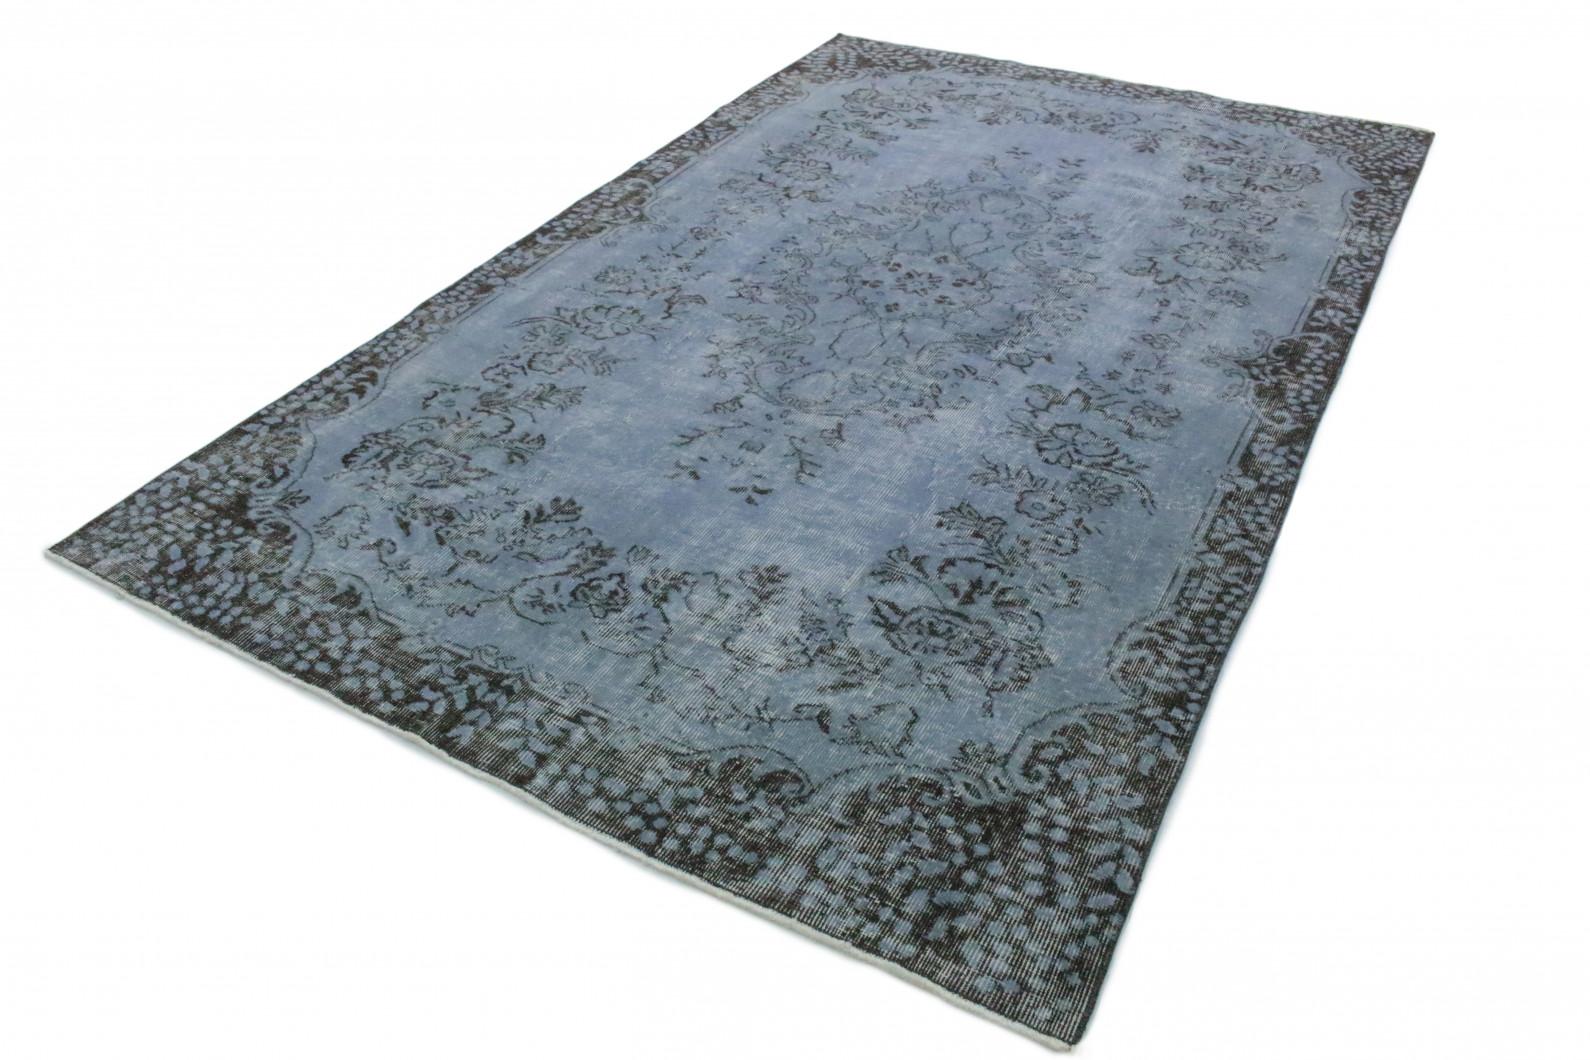 vintage teppich blau grau in 270x170 1011 1138 bei kaufen. Black Bedroom Furniture Sets. Home Design Ideas